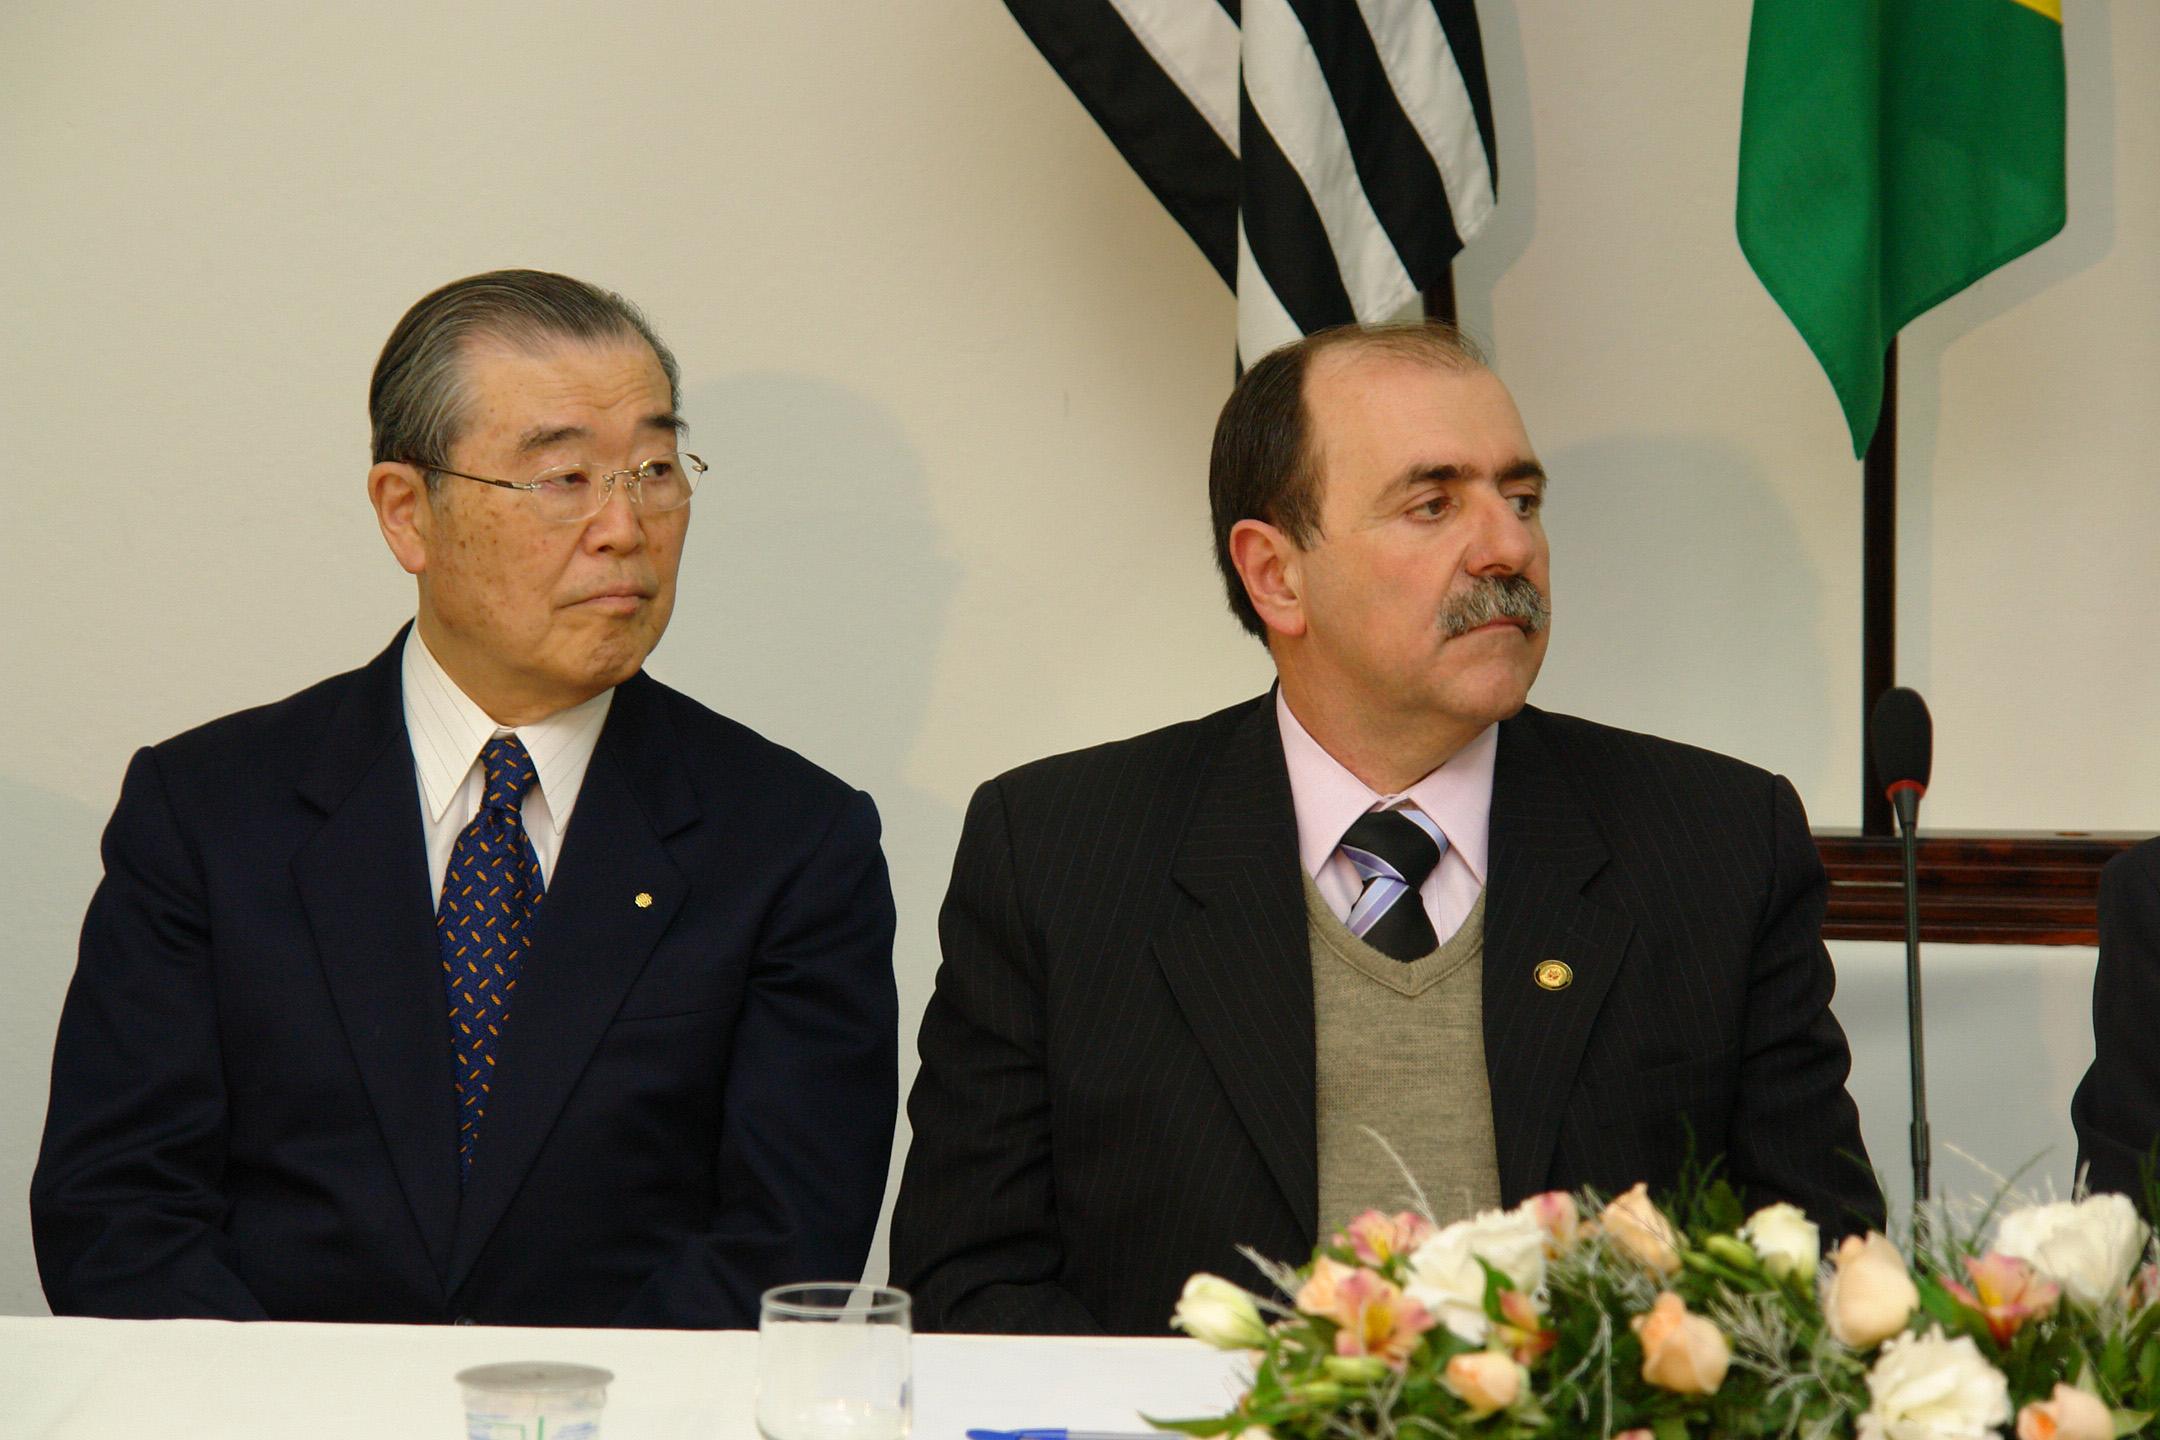 deputado prestigia homenagem a daisaku ikeda